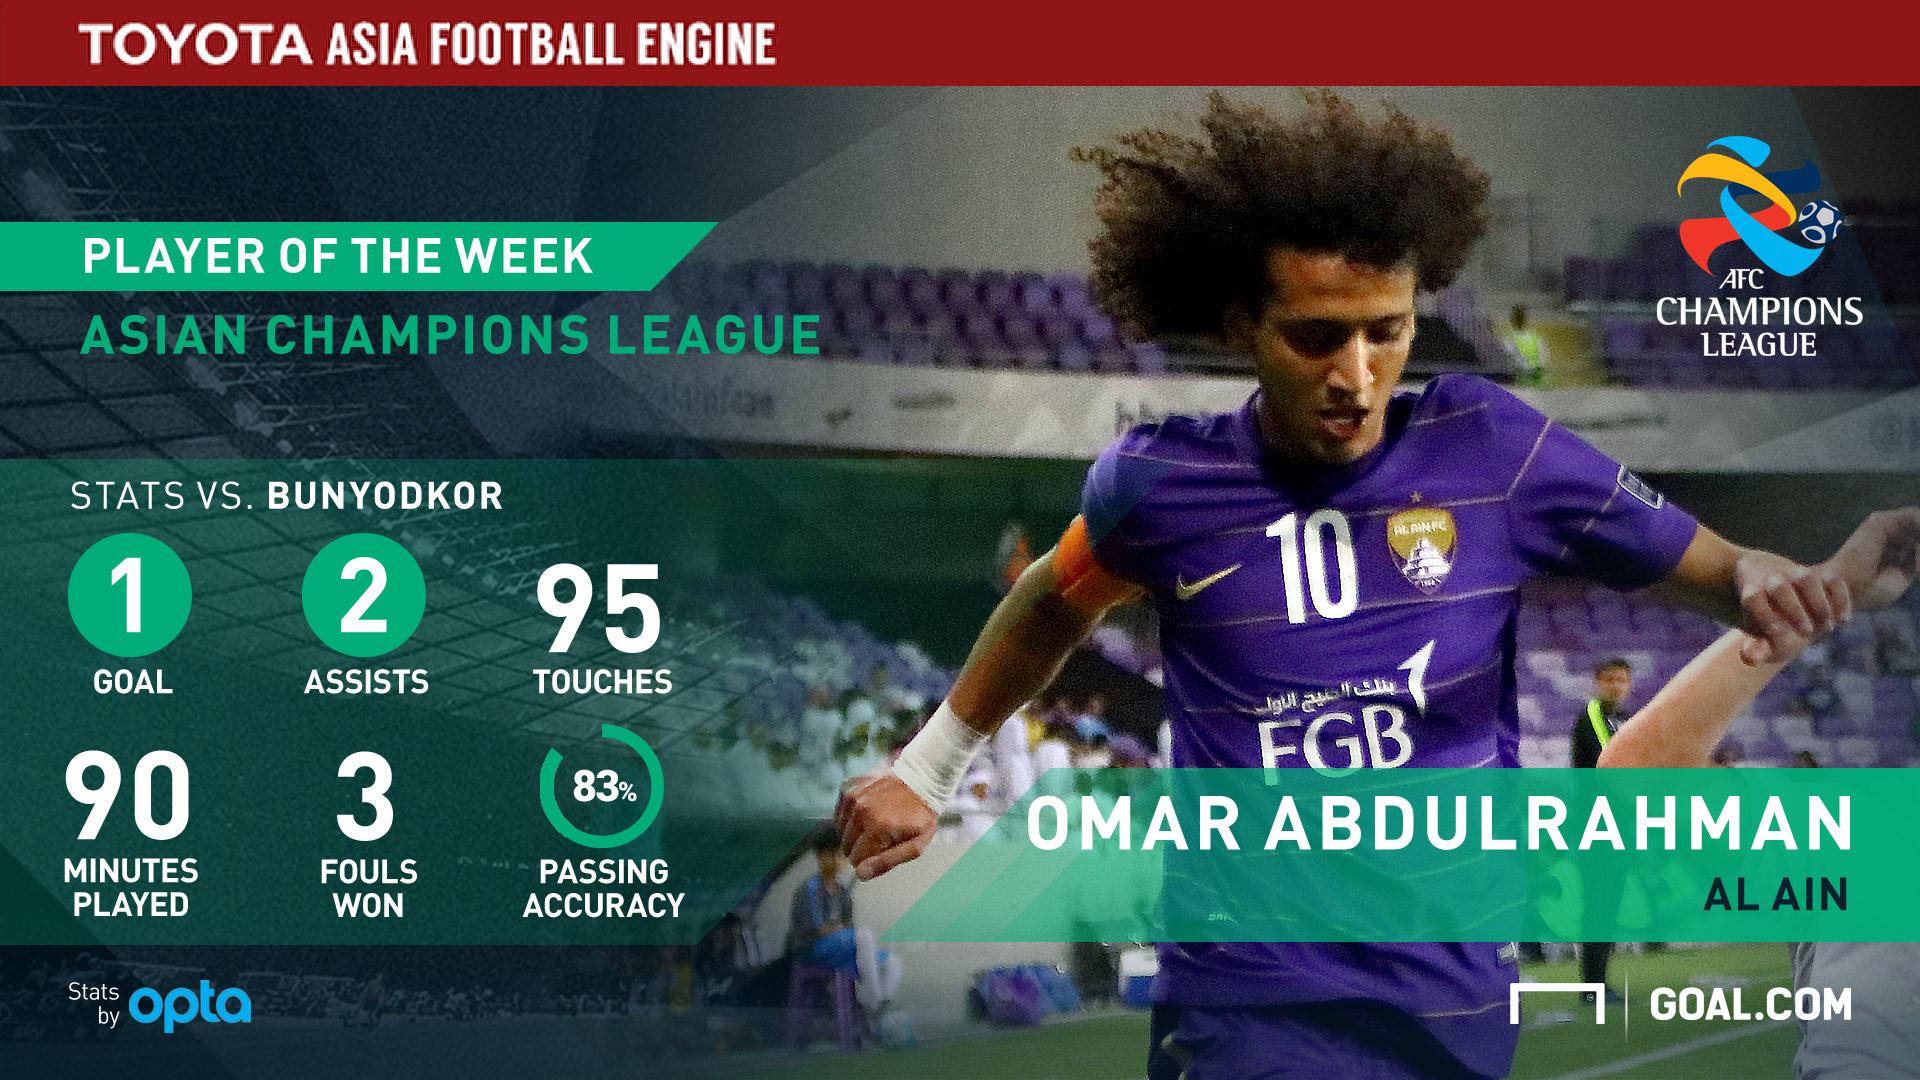 Omar Abdulrahman GFX